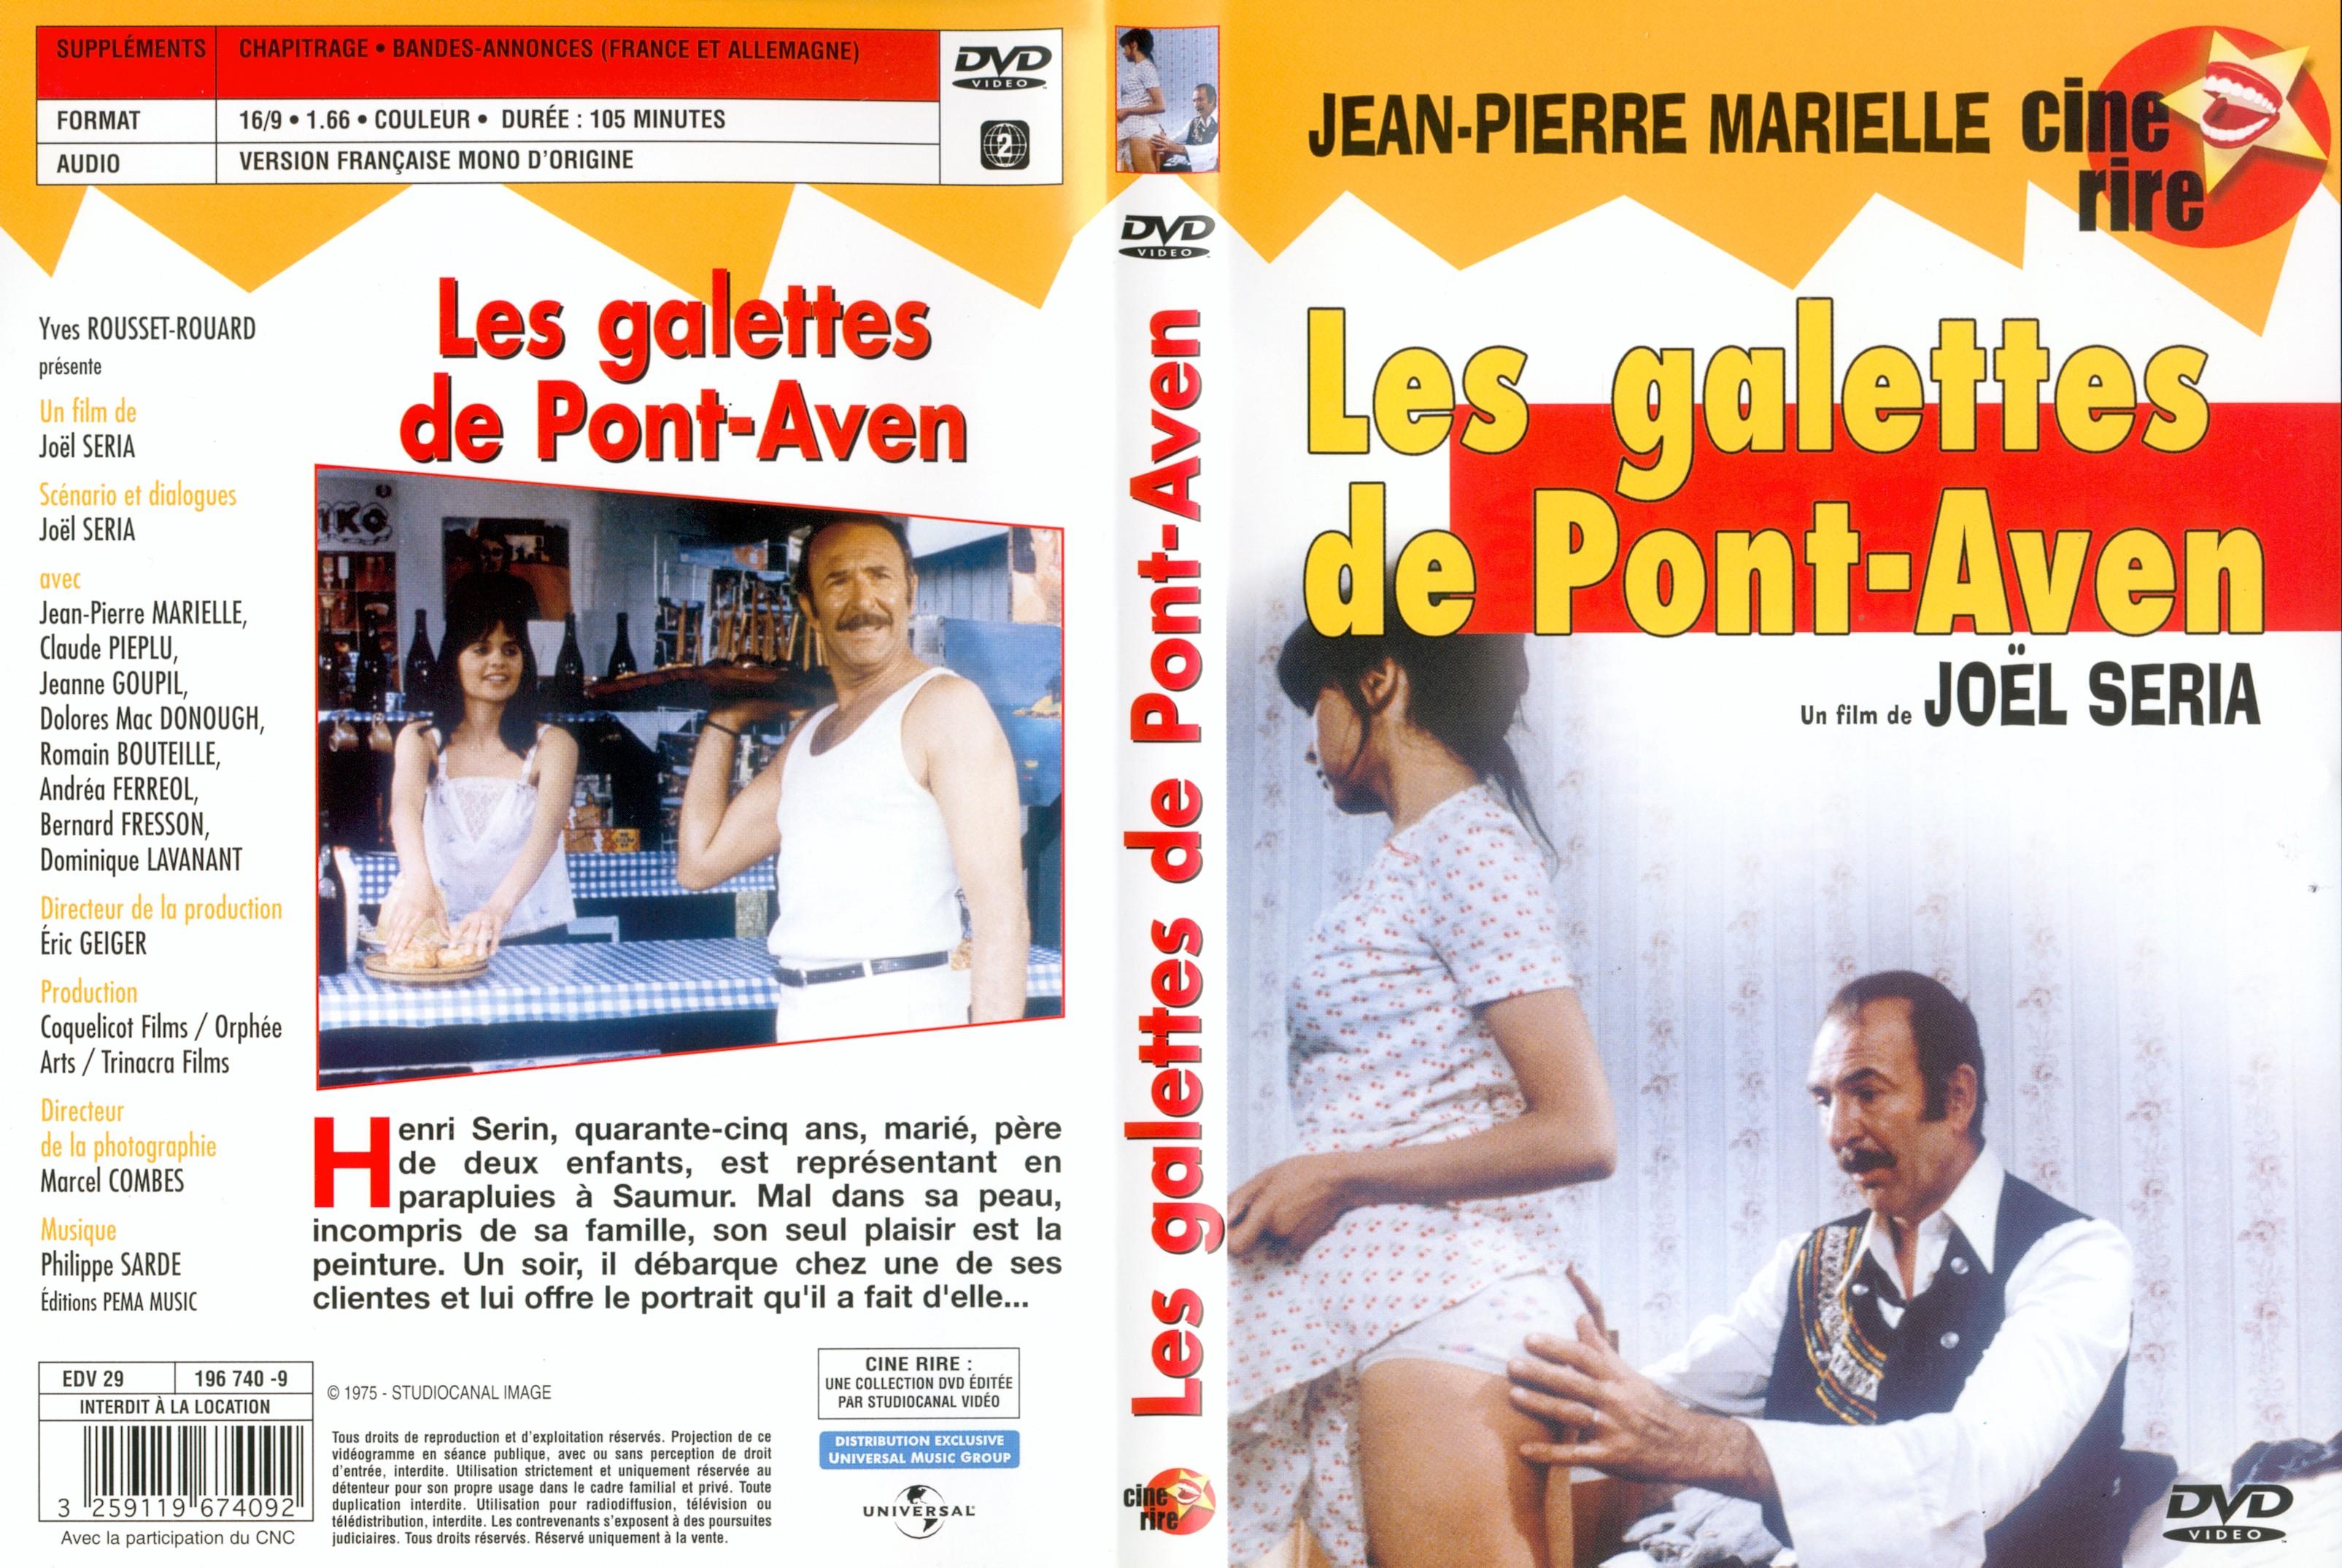 Et SHADOW WARRIOR, il sent des pieds ?? - Page 3 Les_galettes_de_Pont_Aven-09565216072007